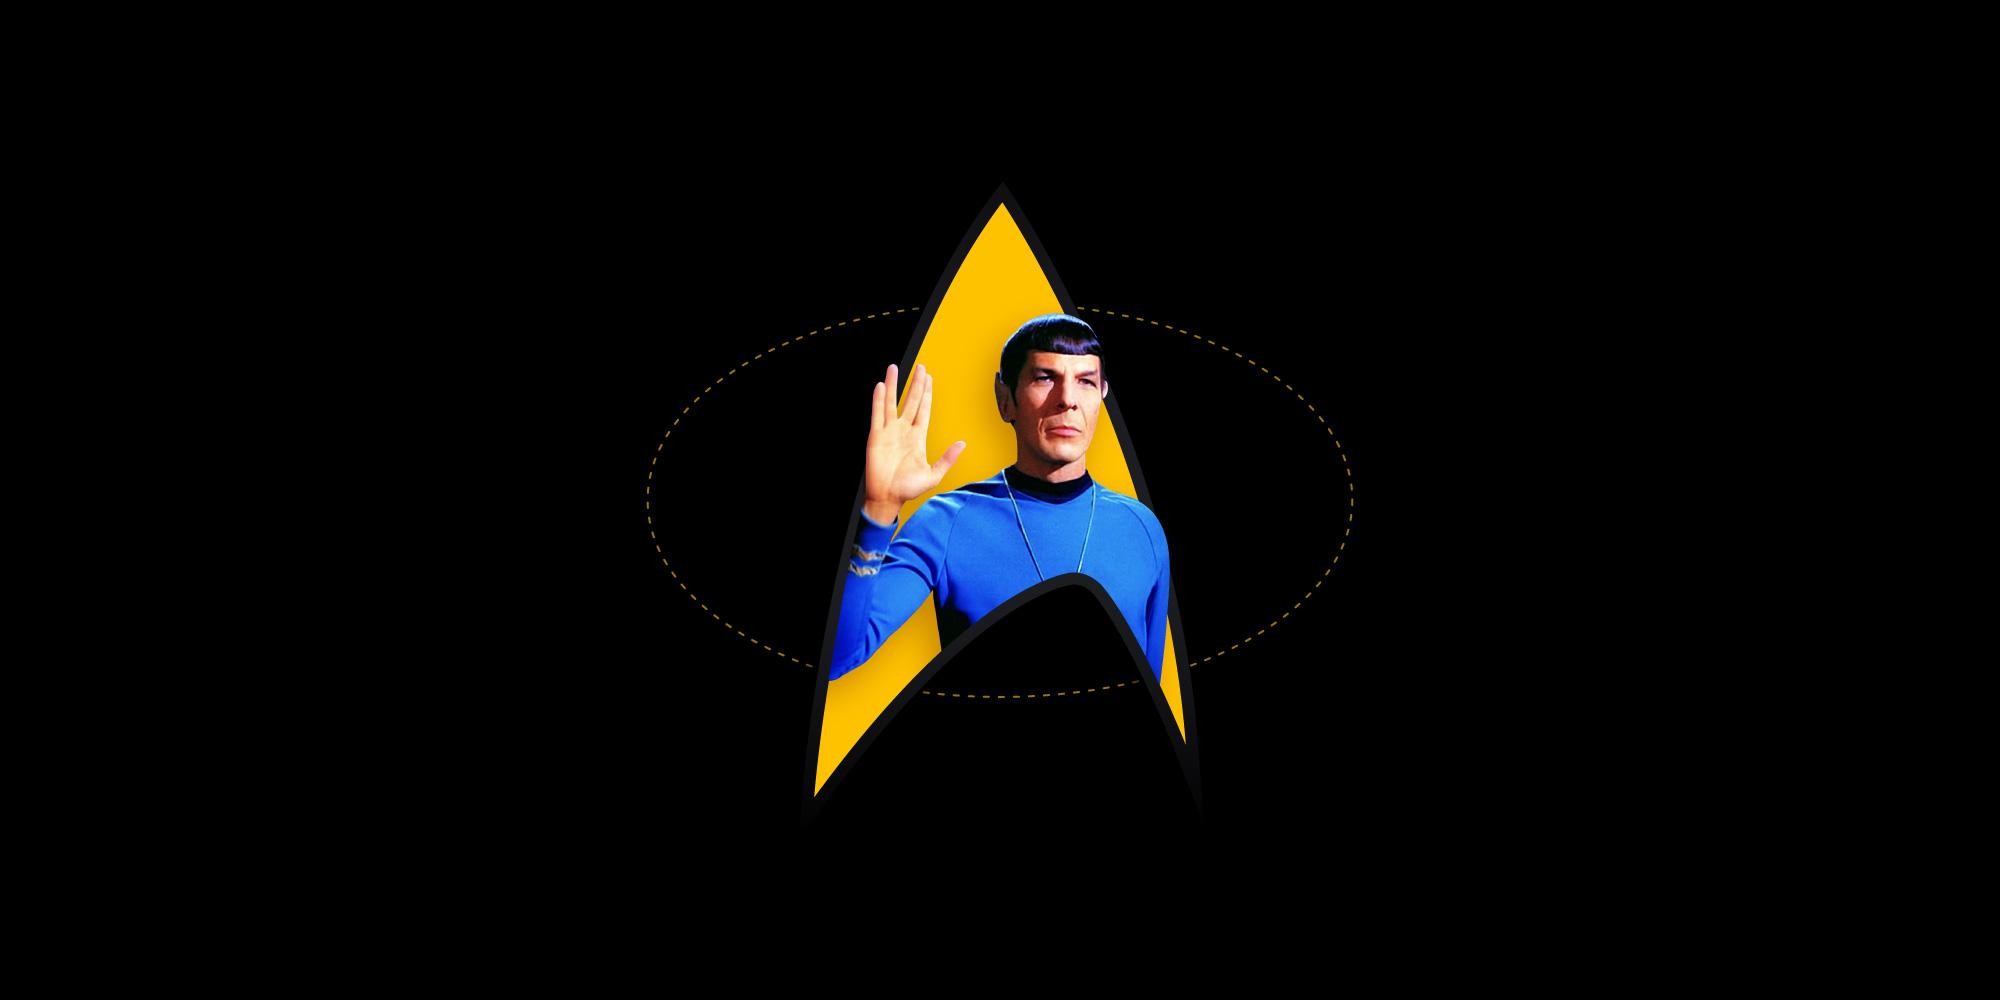 Live Long and Prosper: The Branding Wisdom of Star Trek